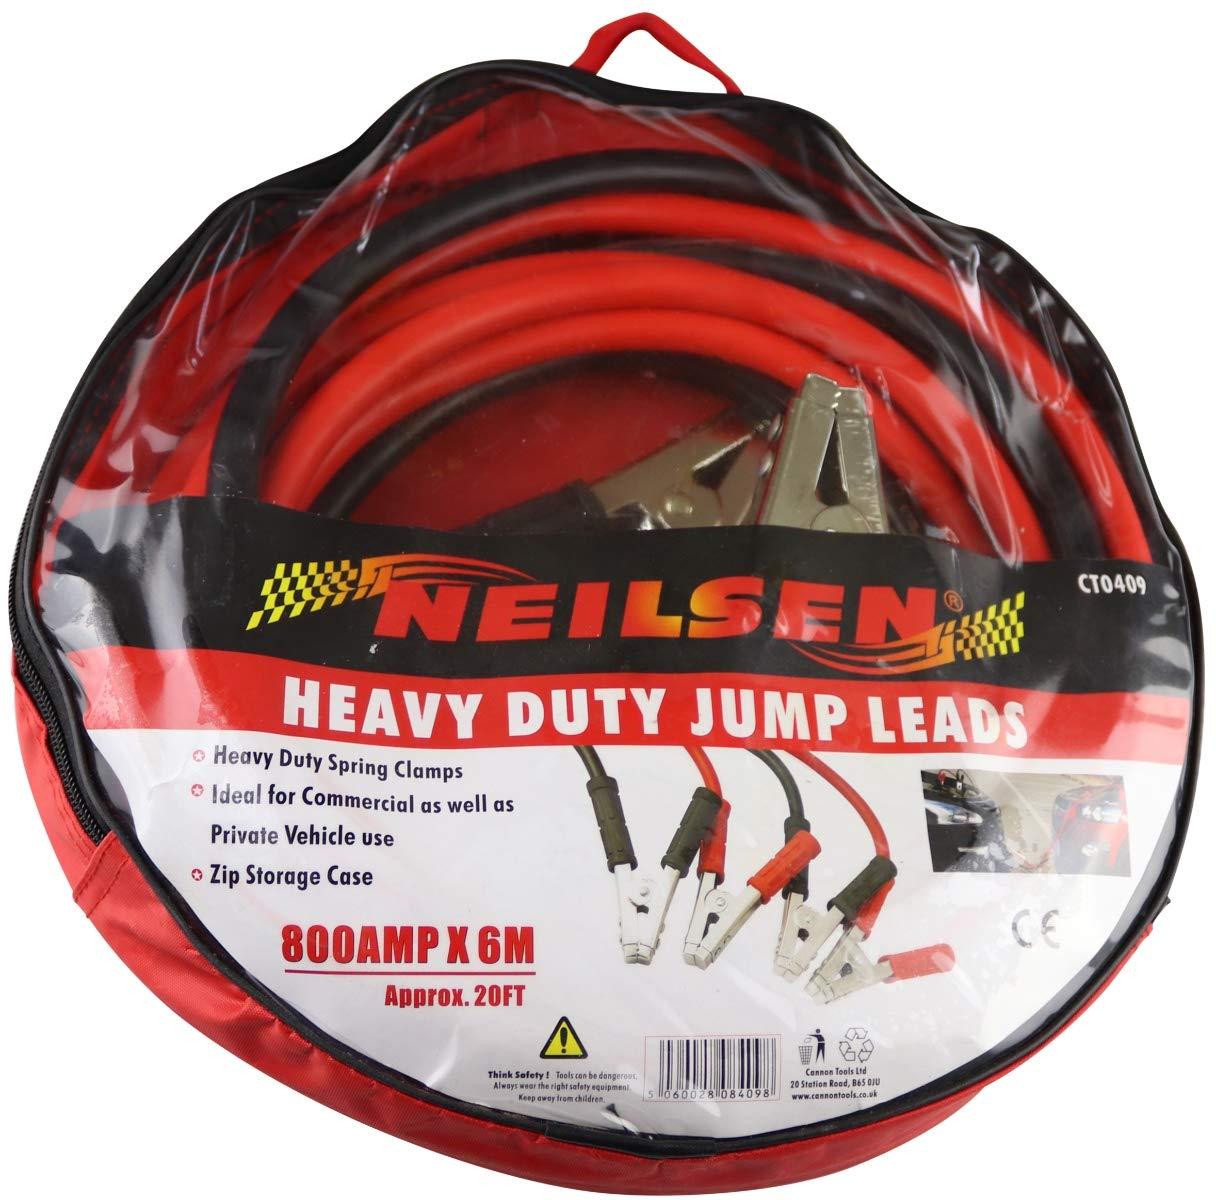 /Rojo Neilsen ct0409/6/m 20/ft 800/A Heavy Duty Jump Lead/